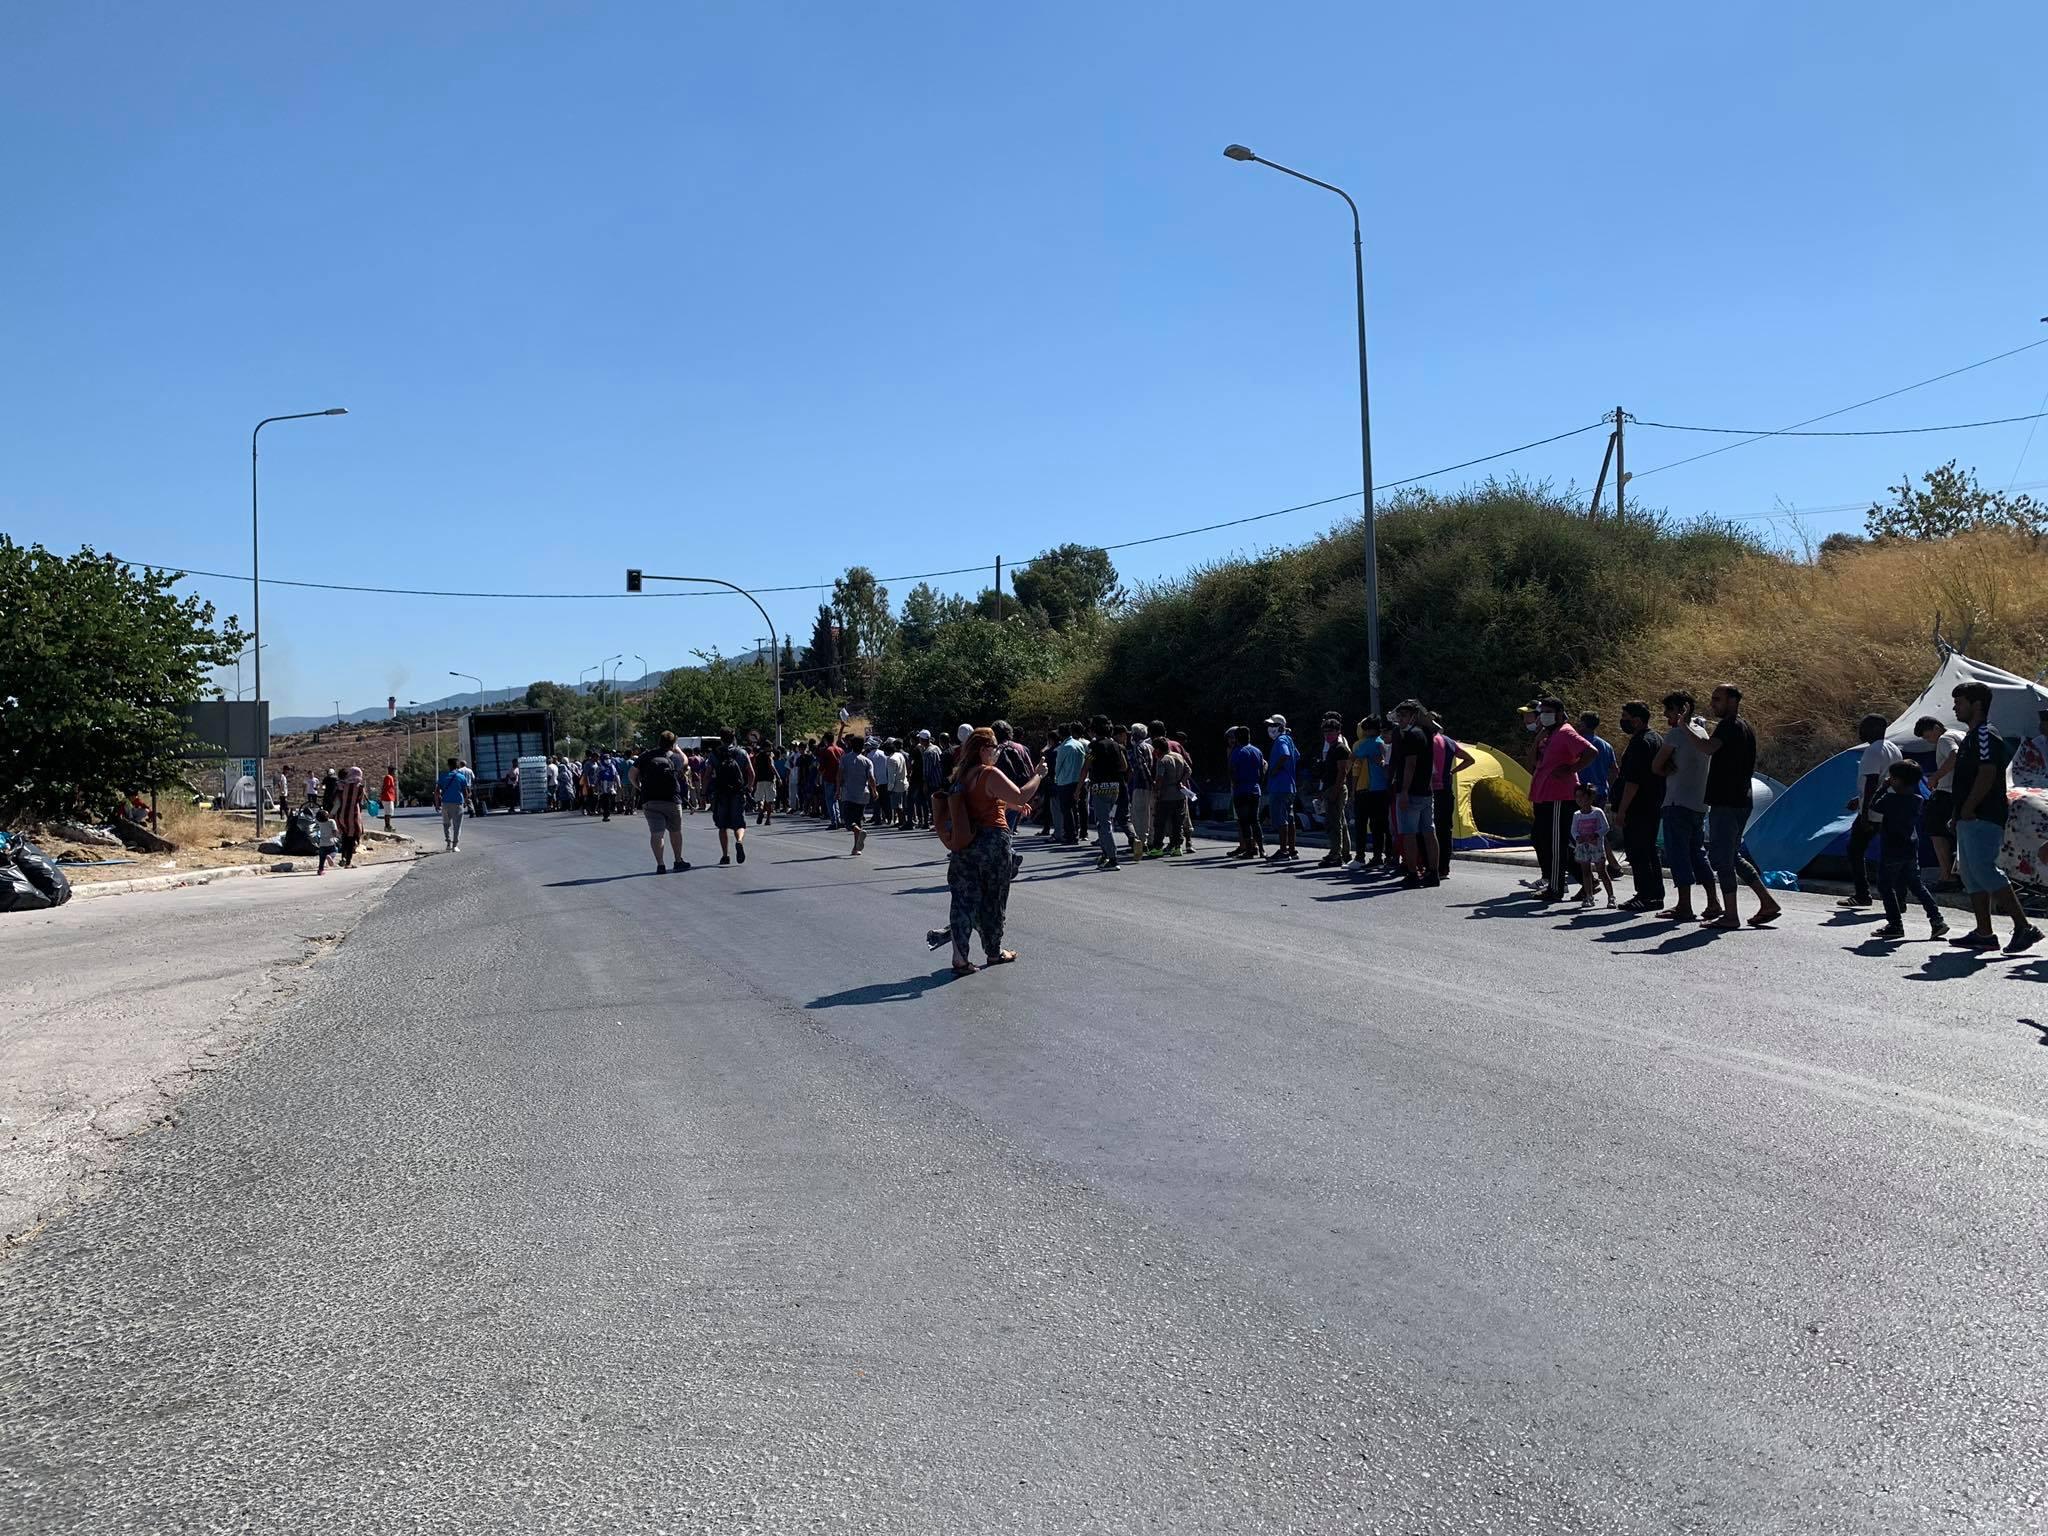 Διανομή τροφής και νερού σε πρόσφυγες και μετανάστες